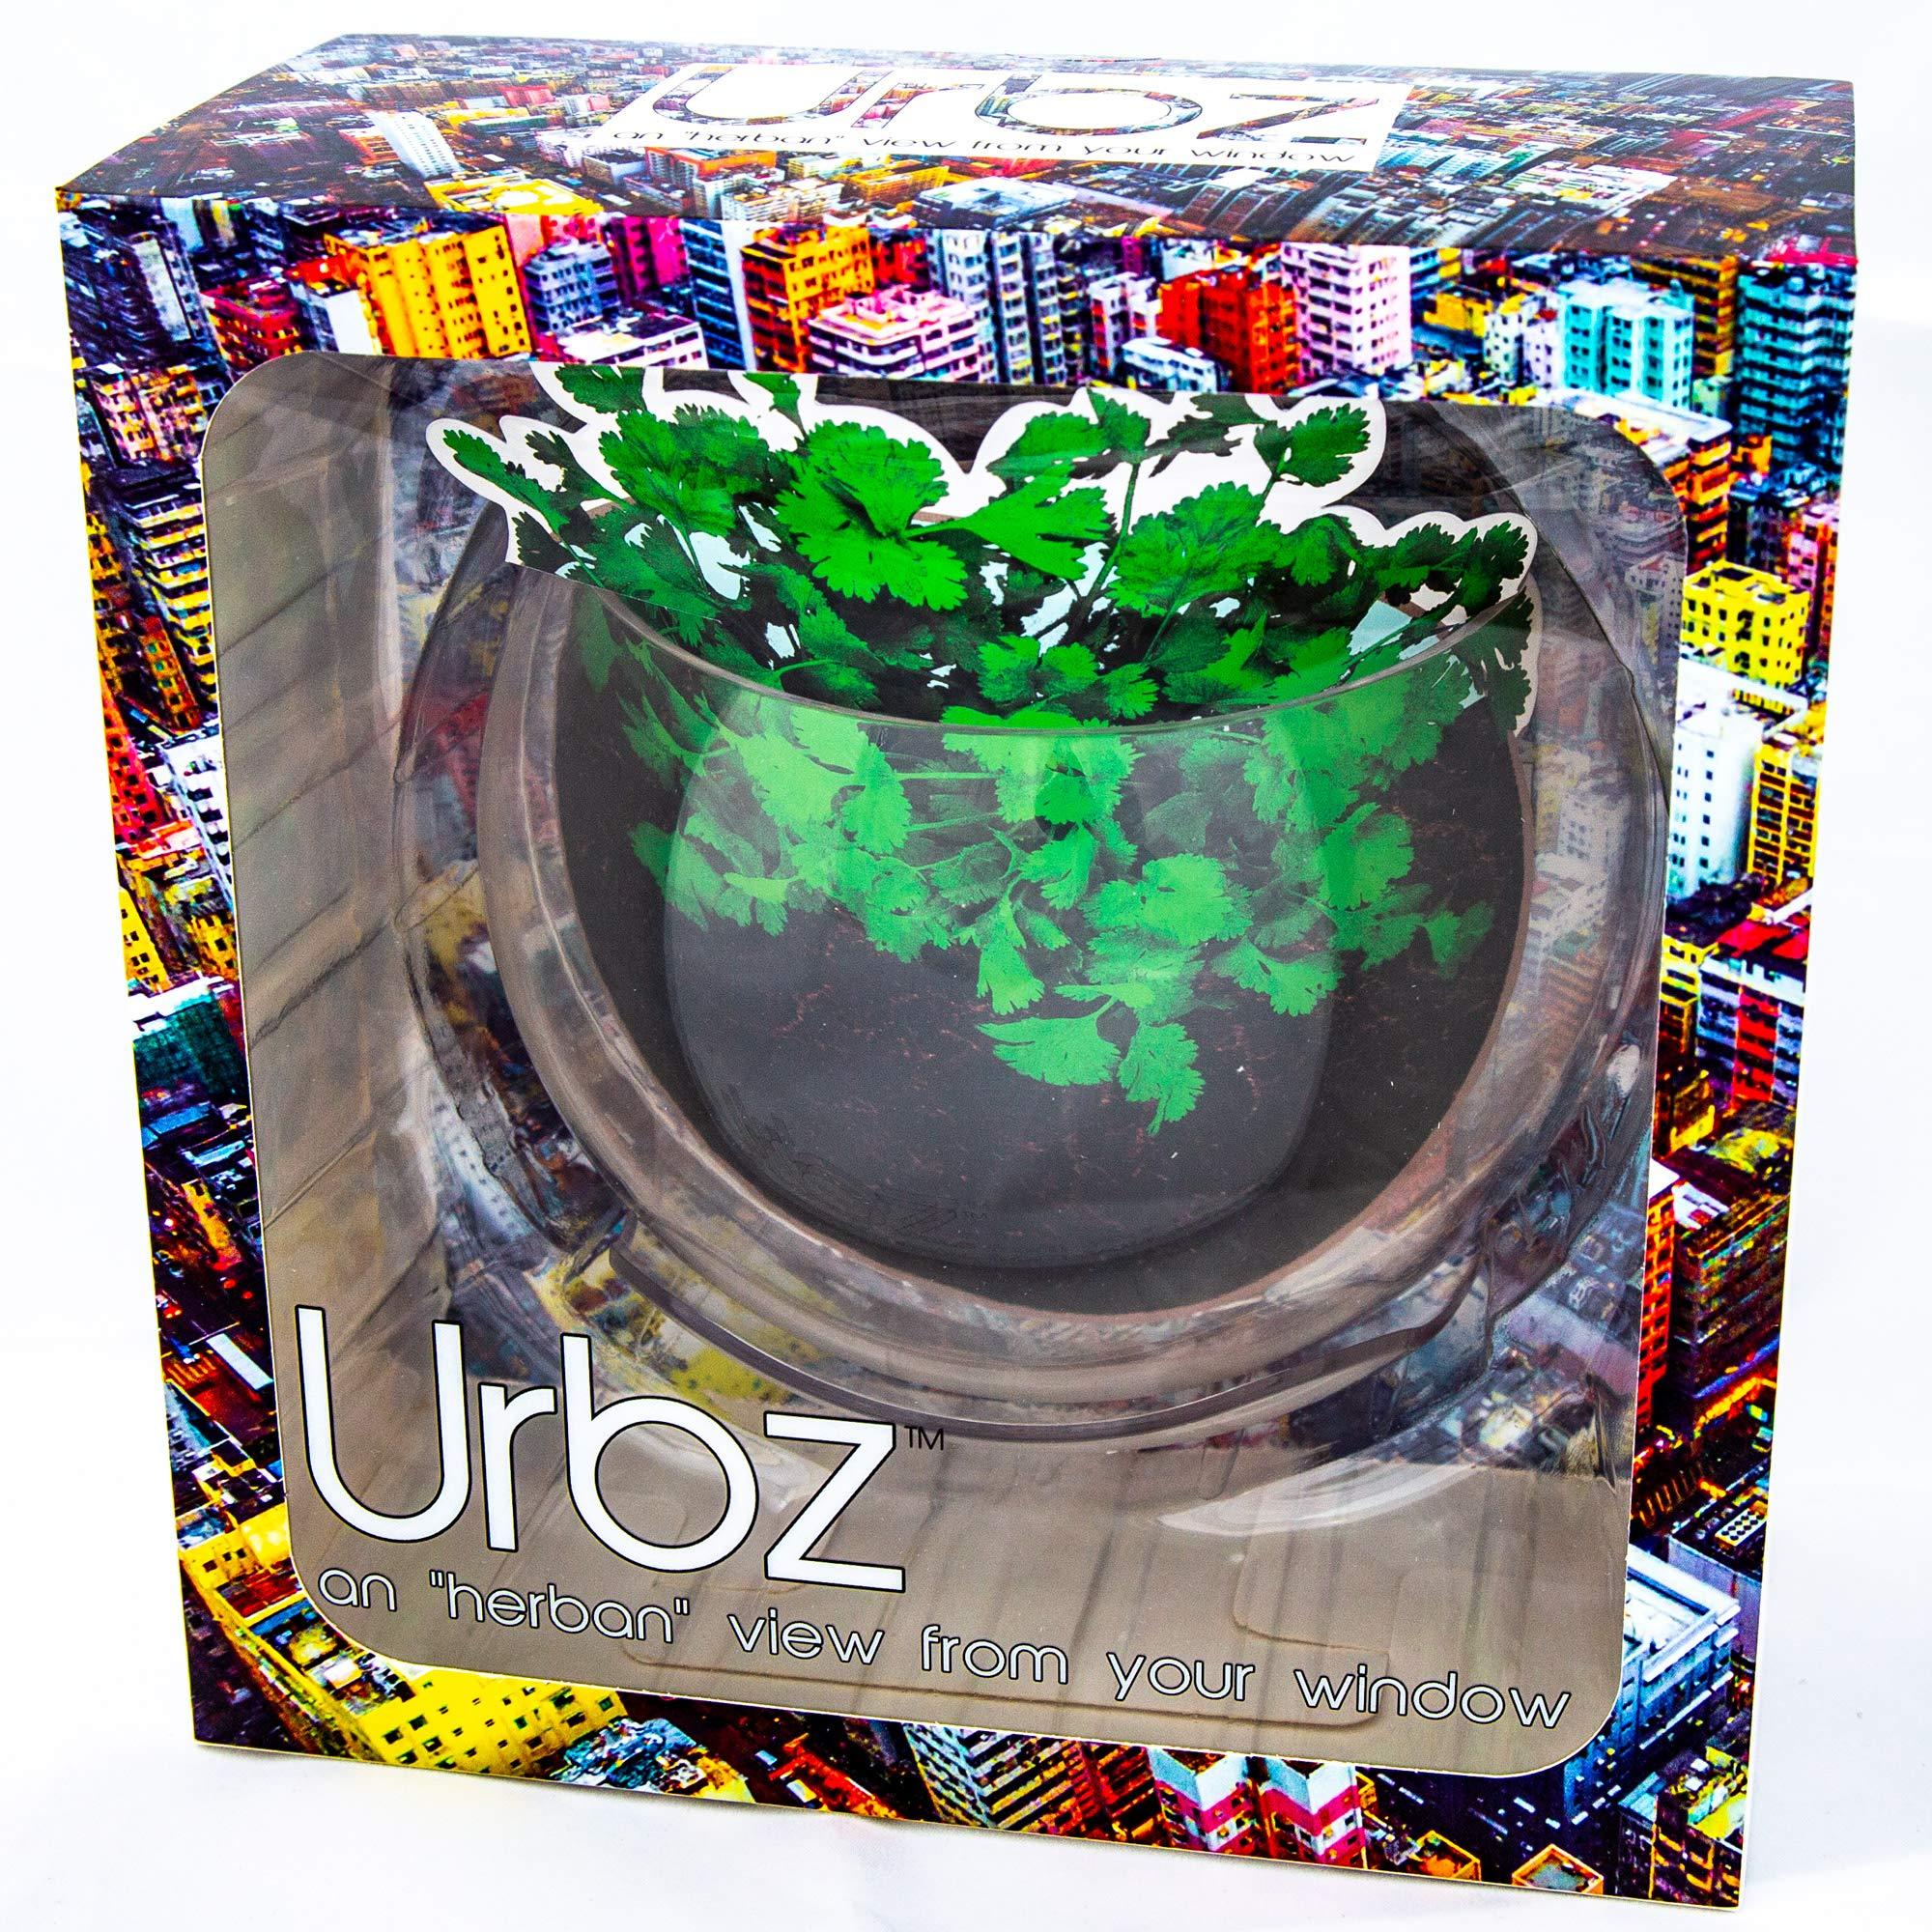 Urbz Window Planter (Crystal Clear)